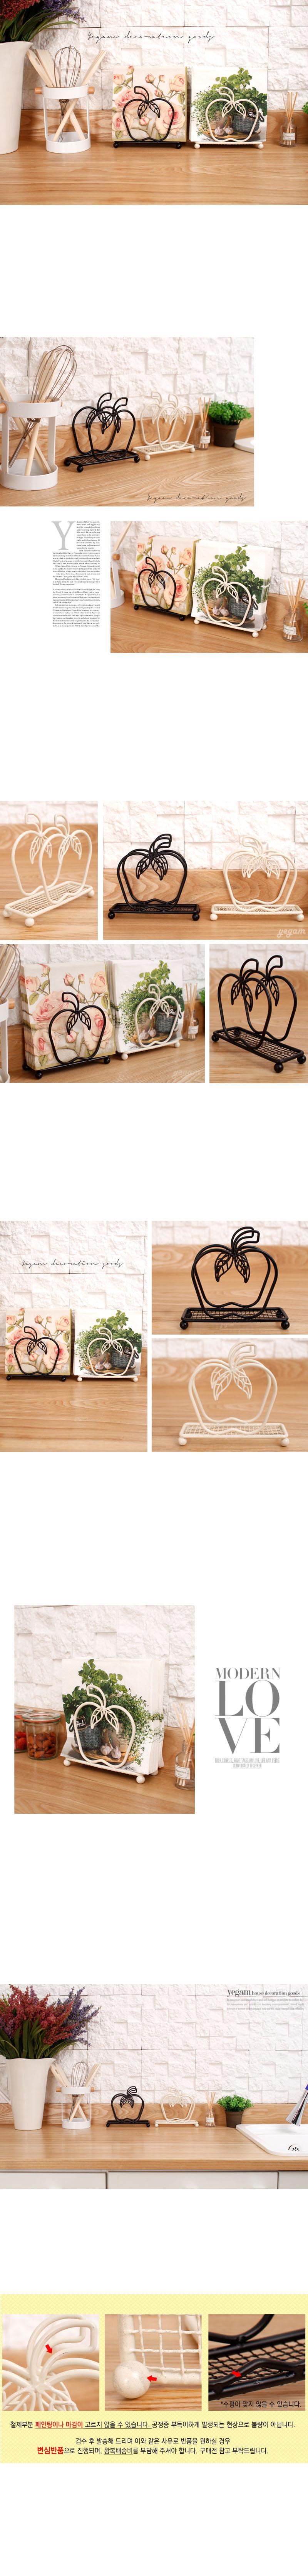 사과 냅킨 꽂이-2color - 체리하우스, 5,500원, 주방소품, 냅킨꽂이